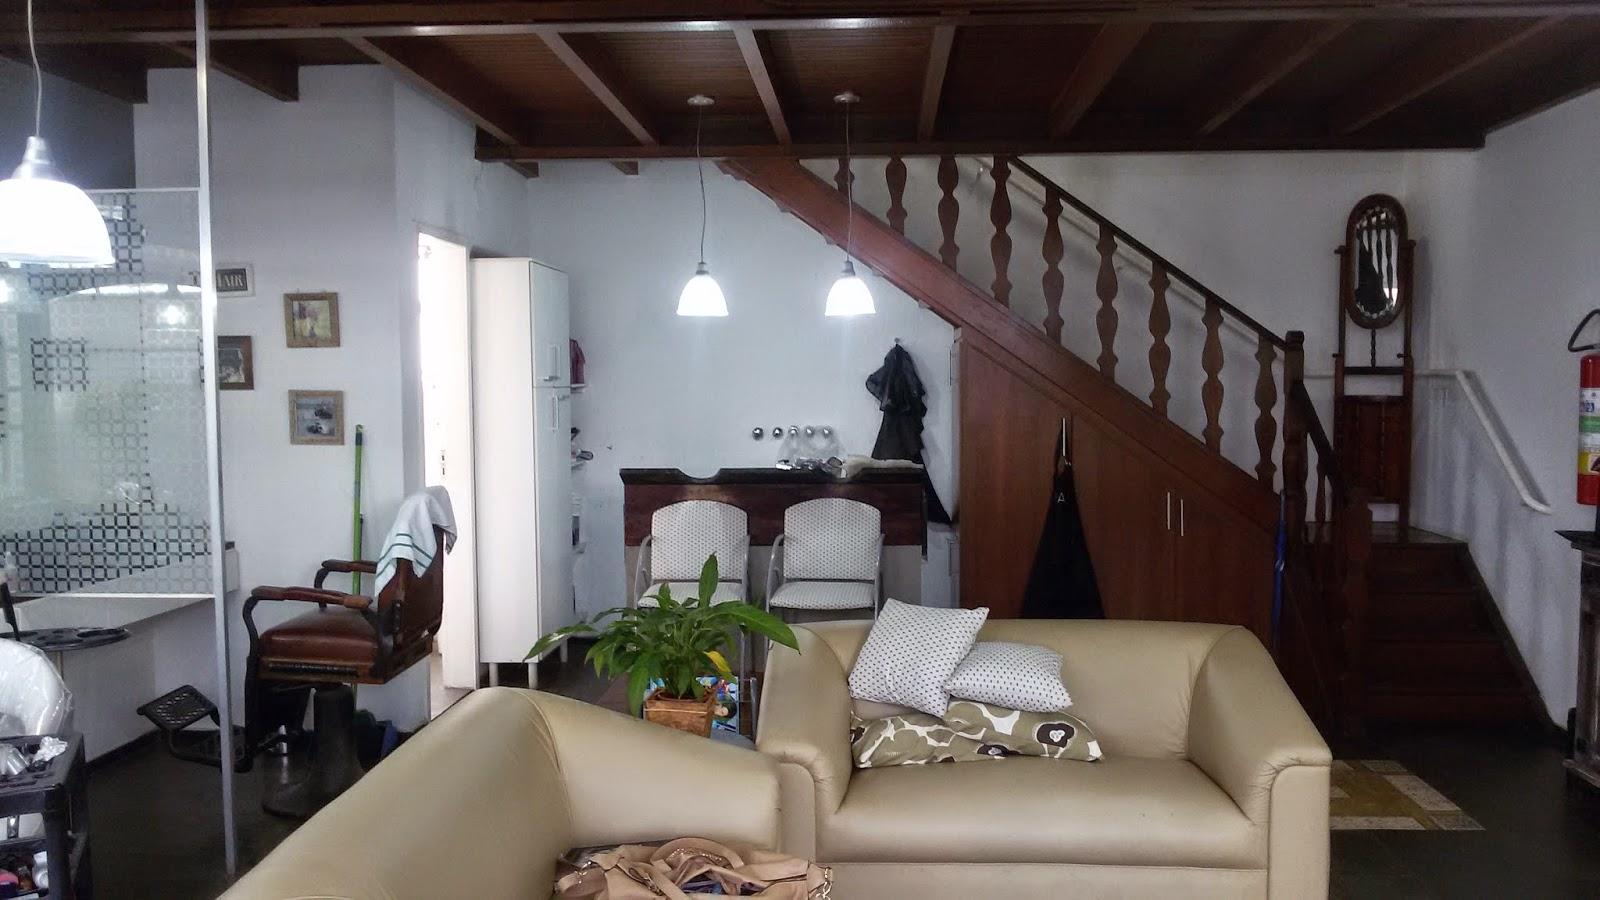 Gabrielle Otto Arquitetura Interiores Iluminação: Salão Mila  #281C19 1600x900